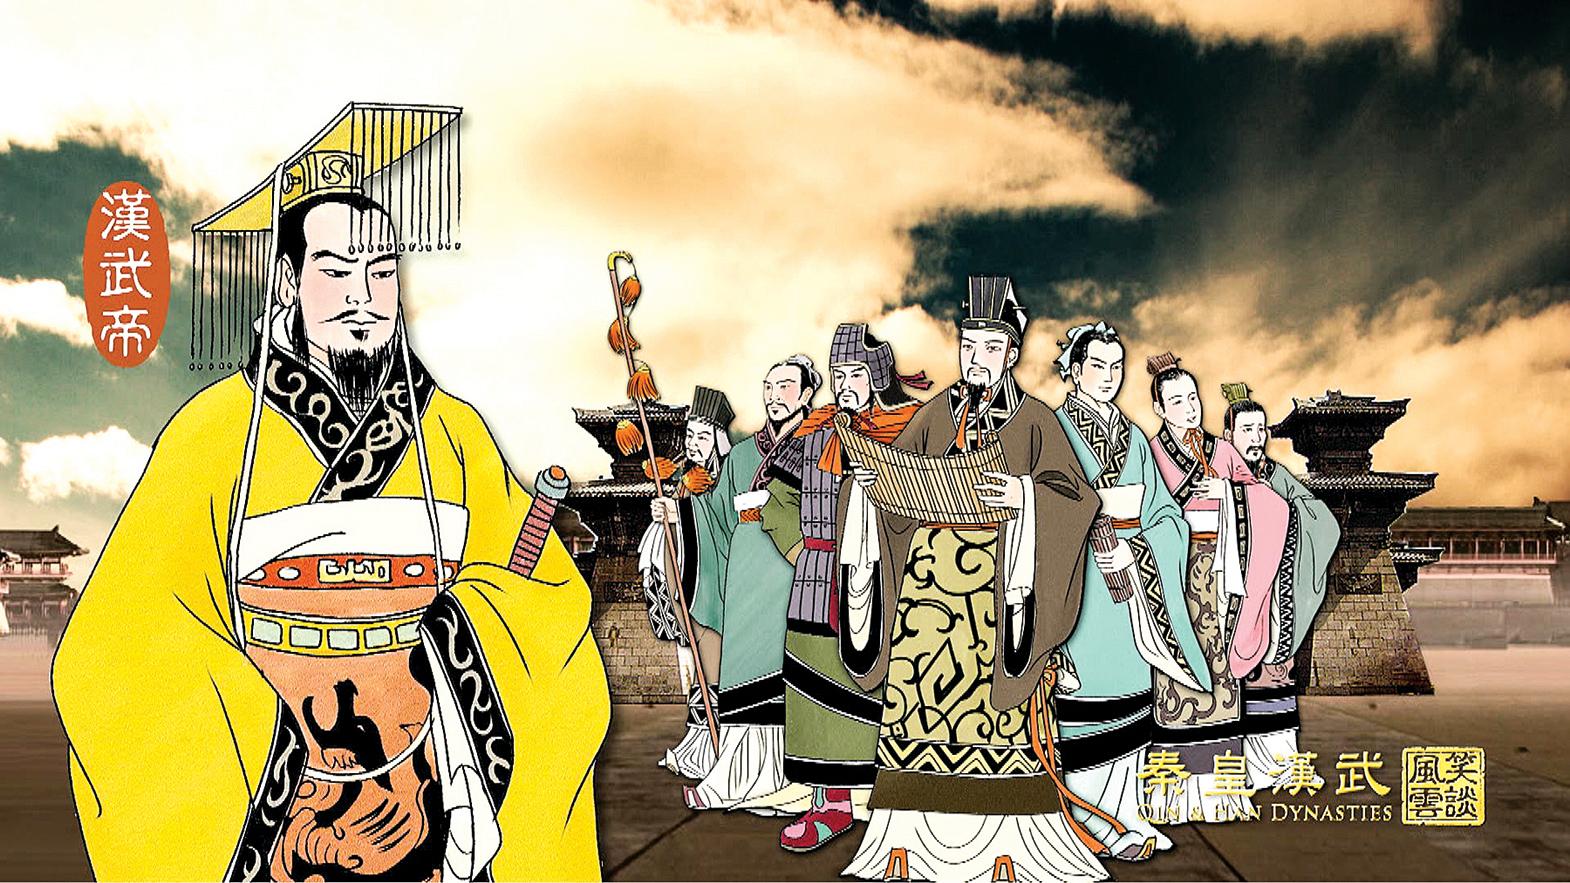 漢武帝制定察舉制,建立人才向上流動的機制,把人才都納入了他的麾下。